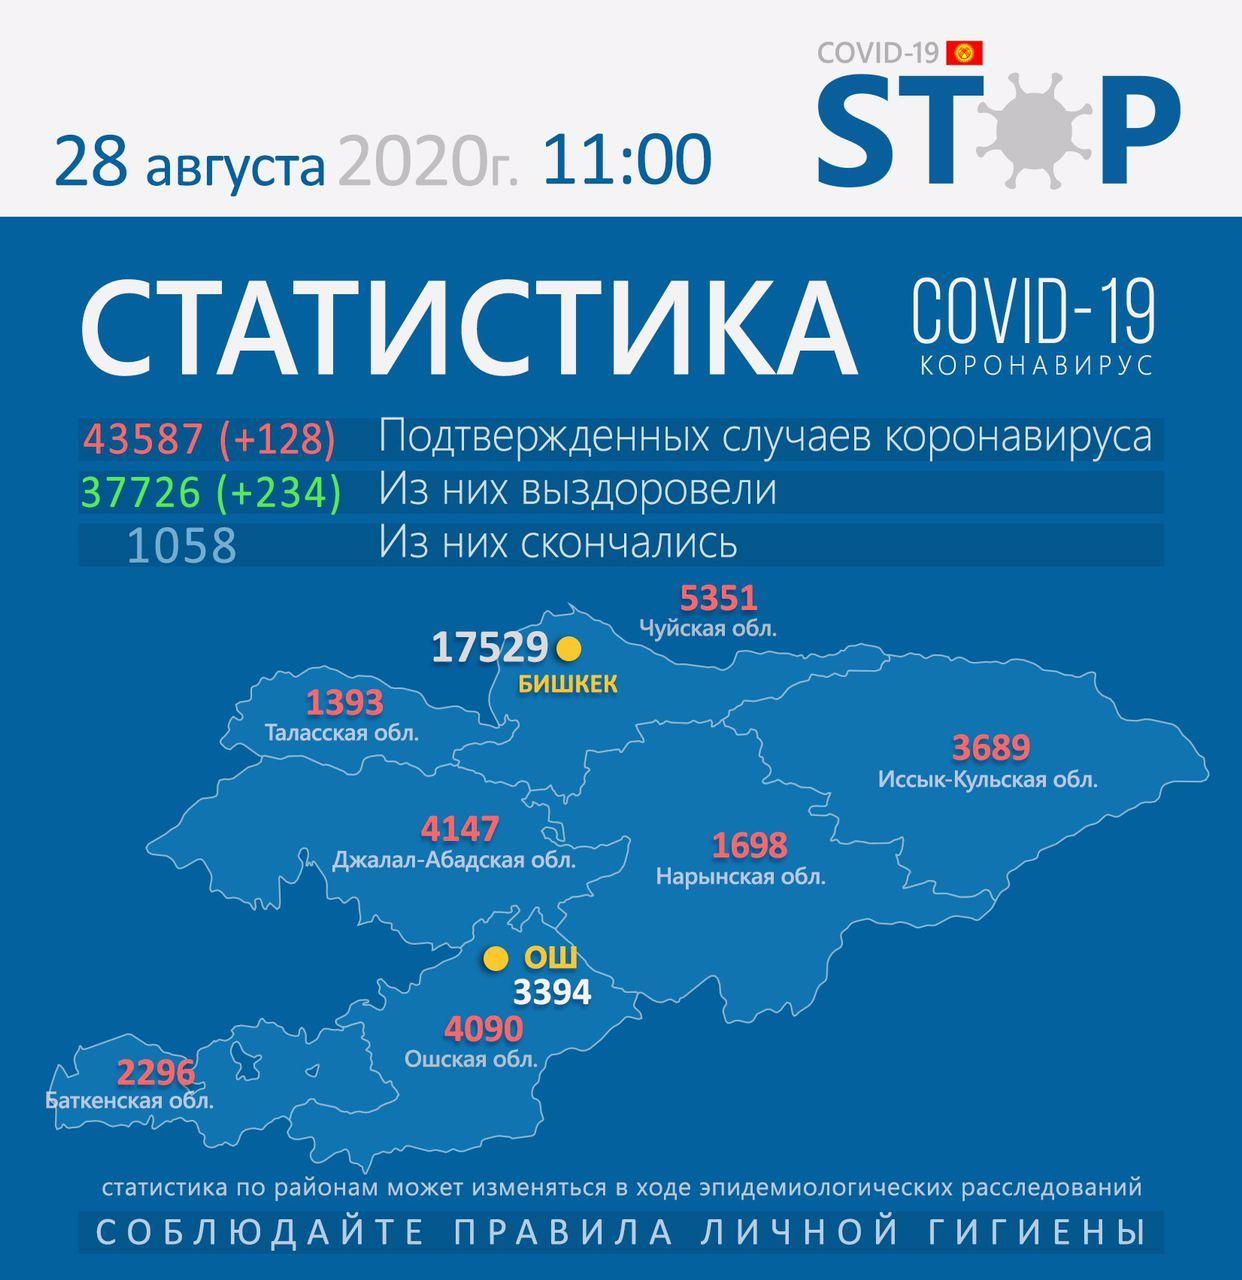 吉尔吉斯斯坦新冠肺炎疫情缓和 230